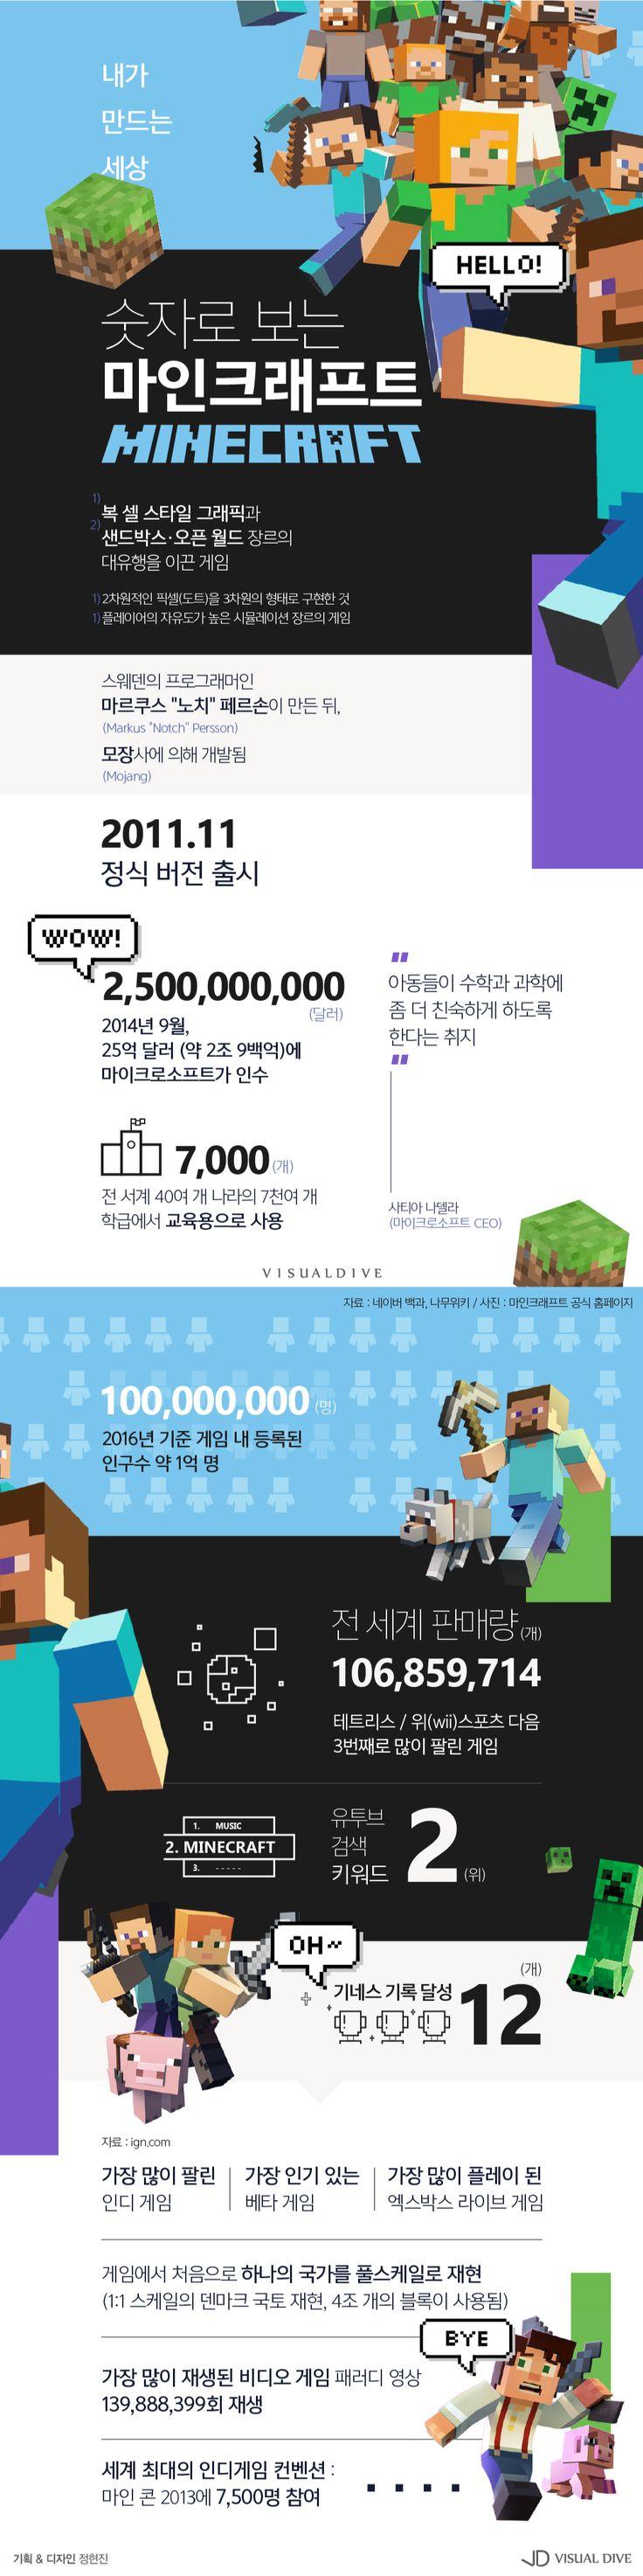 """""""내가 만드는 세상"""" 마인크래프트, 인디 게임의 혁명을 일으키다 [인포그래픽] #mine / #Infographic ⓒ 비주얼다이브 무단 복사·전재·재배포 금지"""